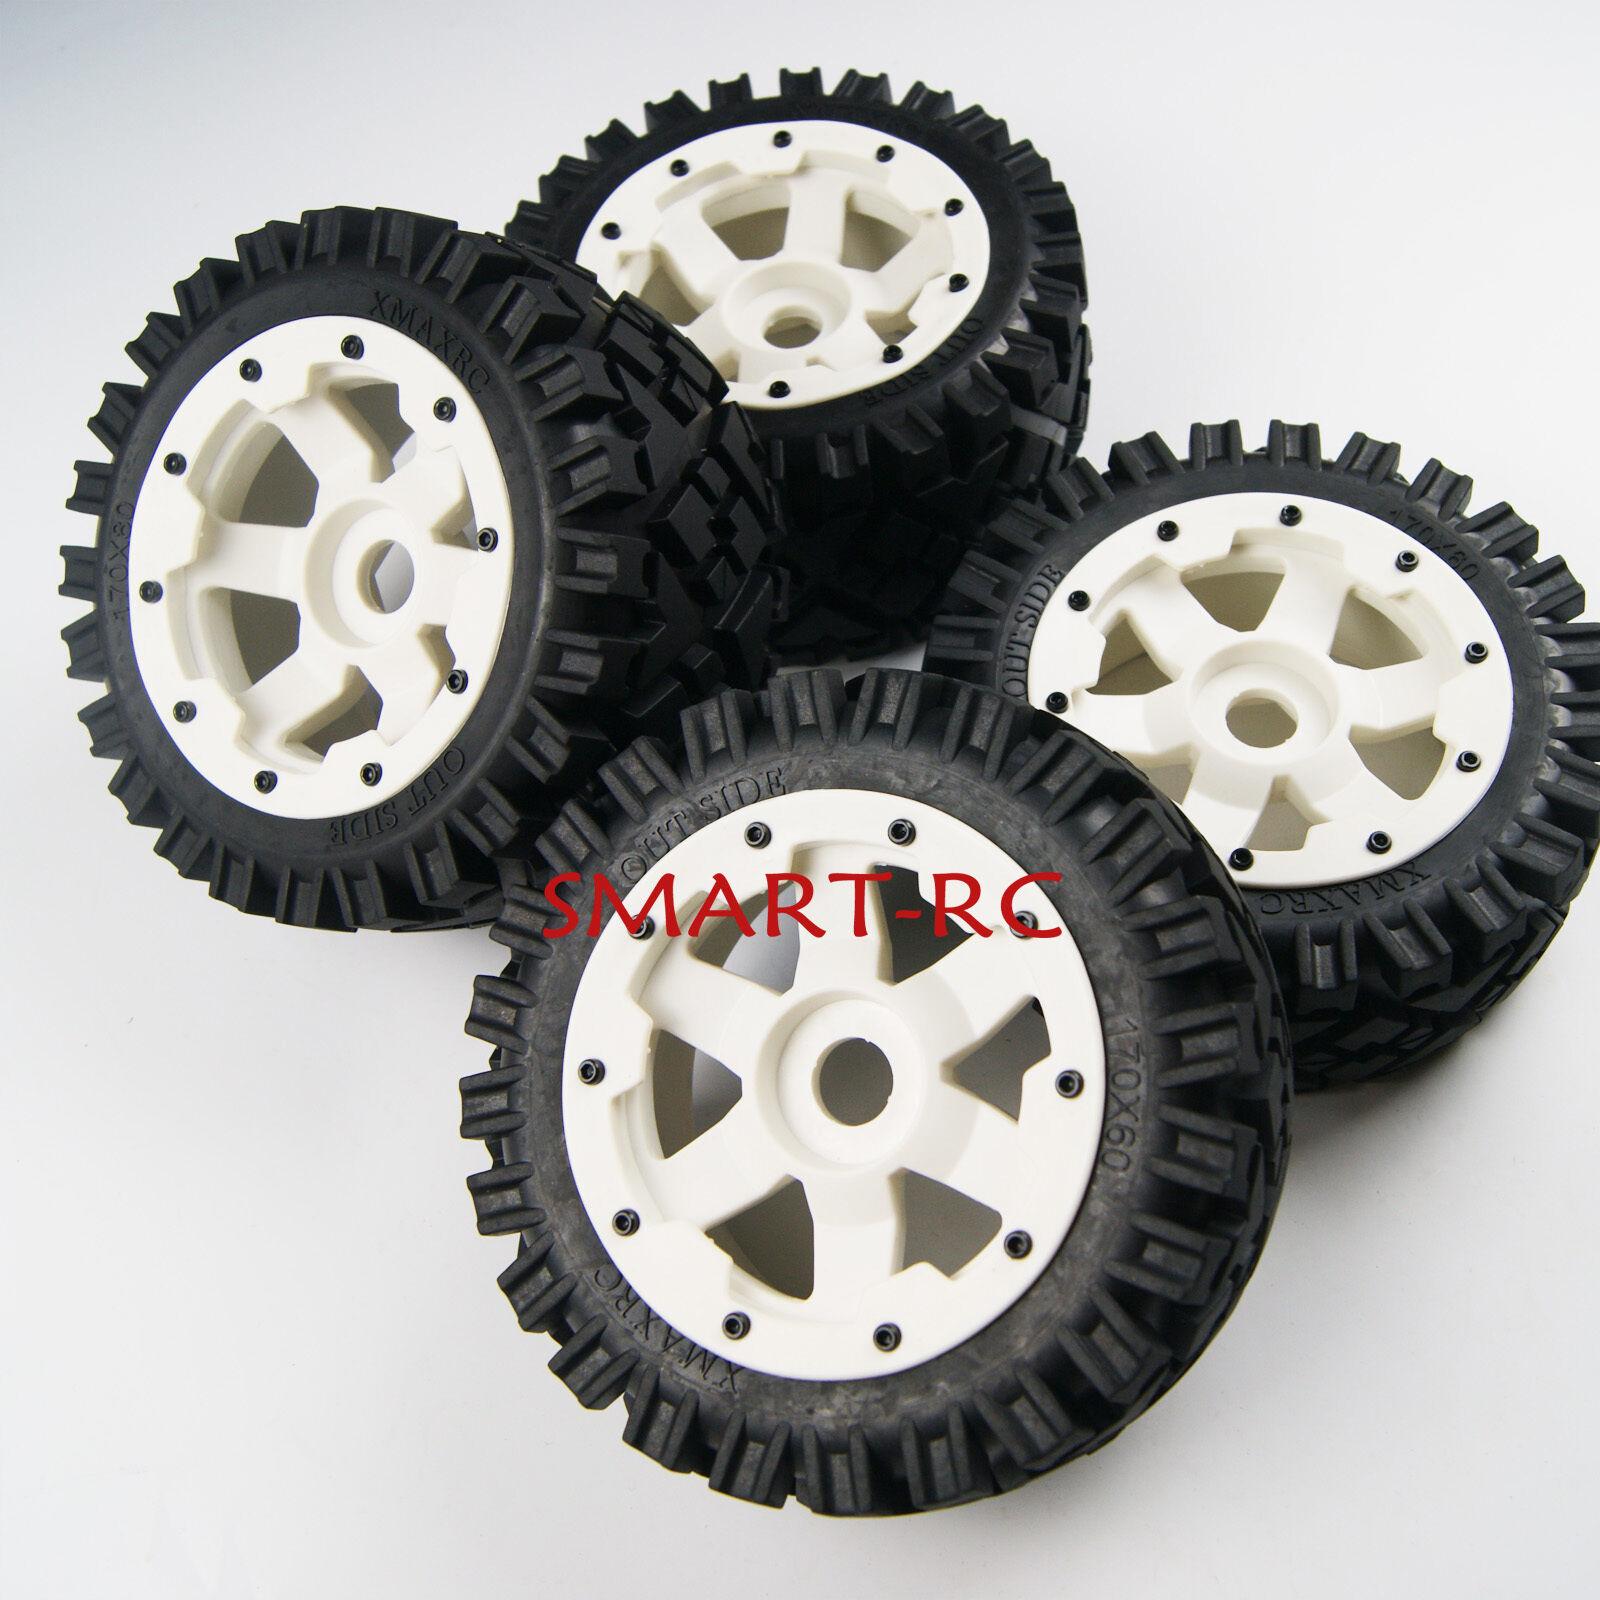 molte sorprese Bianca davanti davanti davanti Rear tutti Terrain Tyre tire Rueda for Rovan re Motor HPI baja 5b SS  negozio di vendita outlet